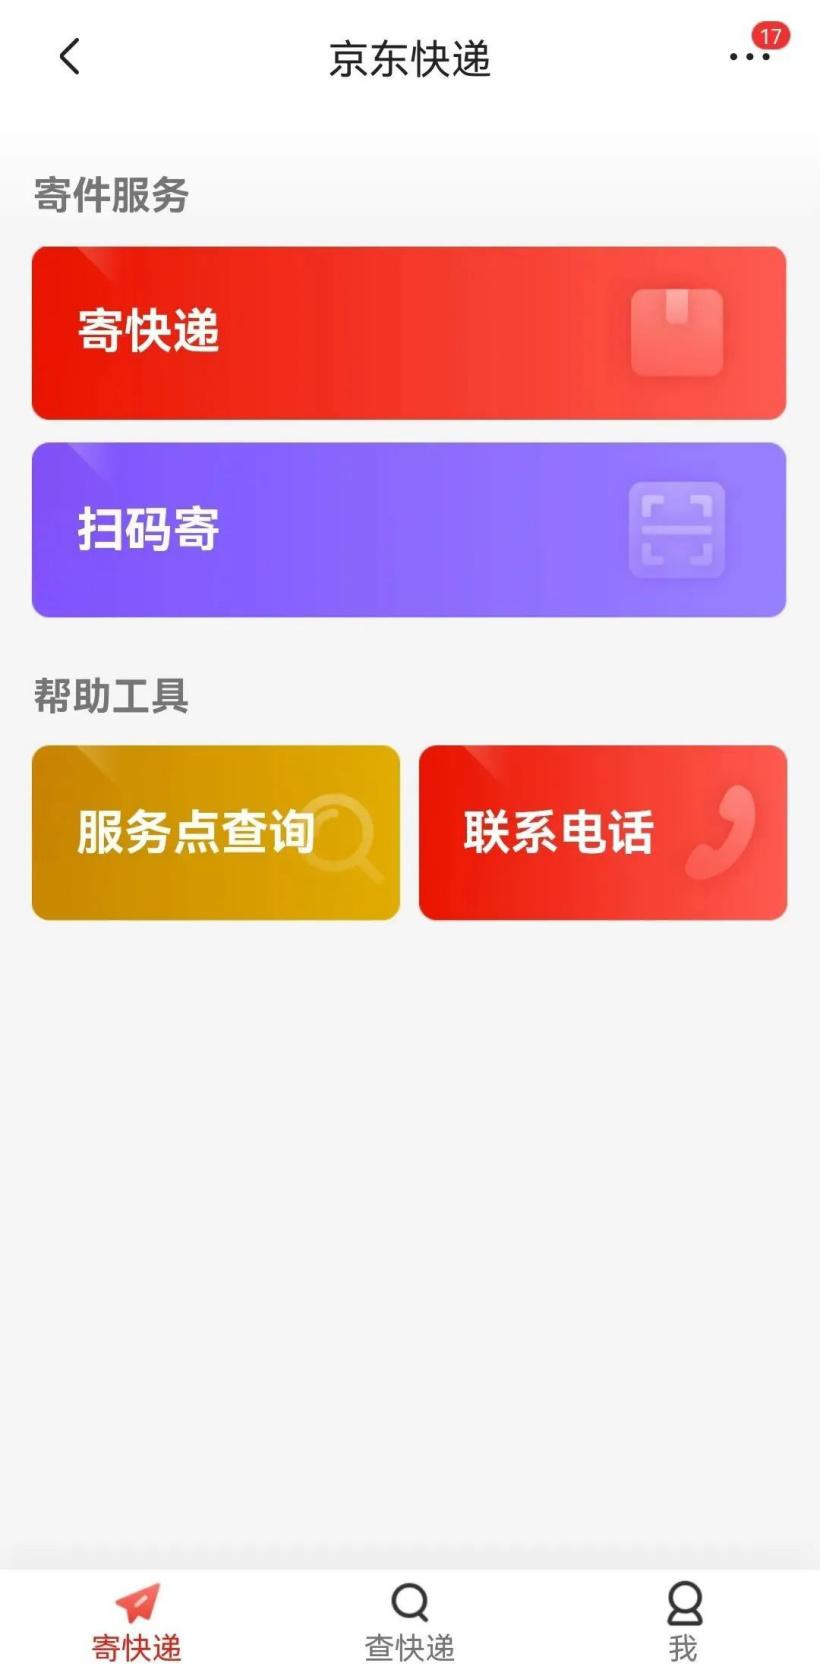 京东快递推出适老寄件服务:精简下单查件流程,优化文字视觉